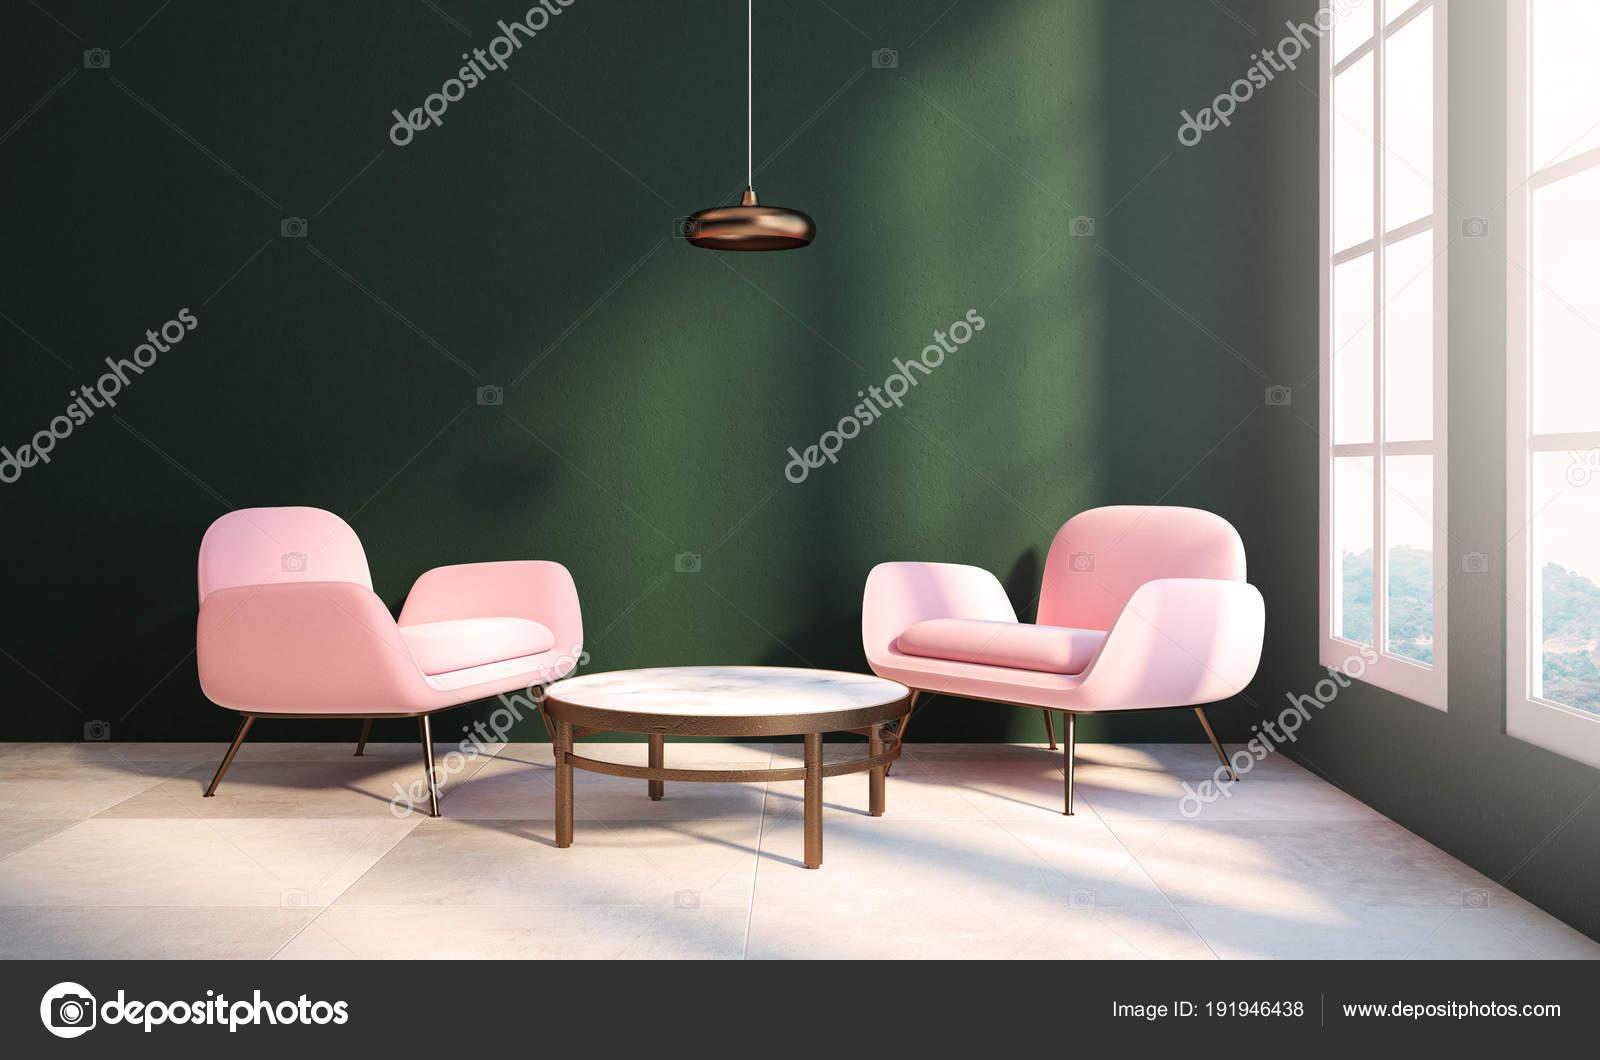 Roze Decoratie Woonkamer : Groene woonkamer twee roze fauteuils tabel u stockfoto